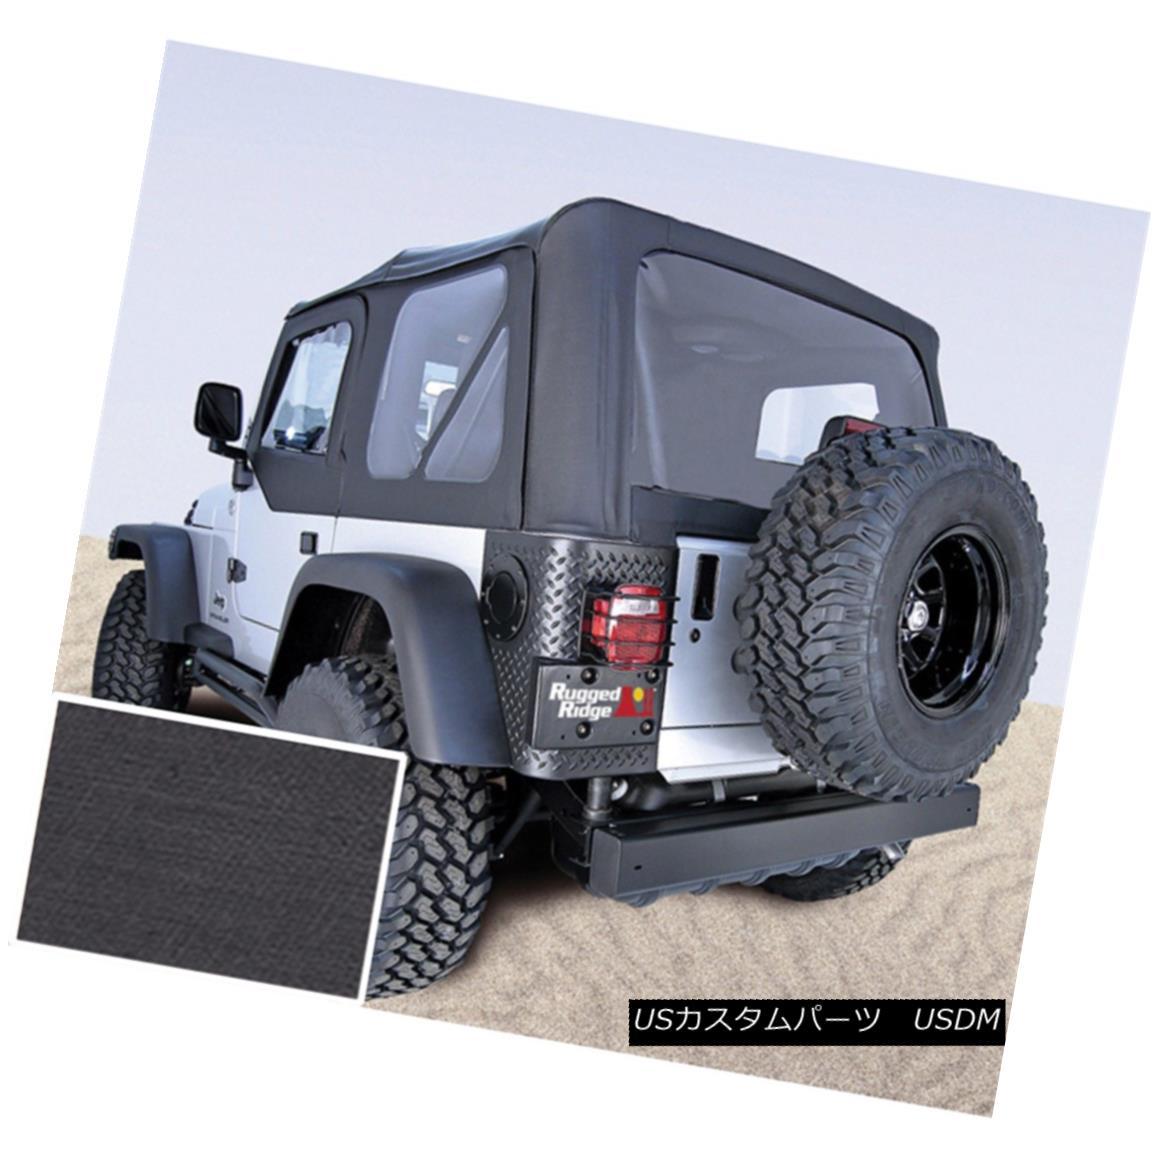 幌・ソフトトップ Rugged Ridge 13725.15 Replacement Soft Top Fits 97-02 Wrangler (TJ) Rugged Ridge 13725.15交換用ソフトトップフィット97-02 Wrangler(TJ)